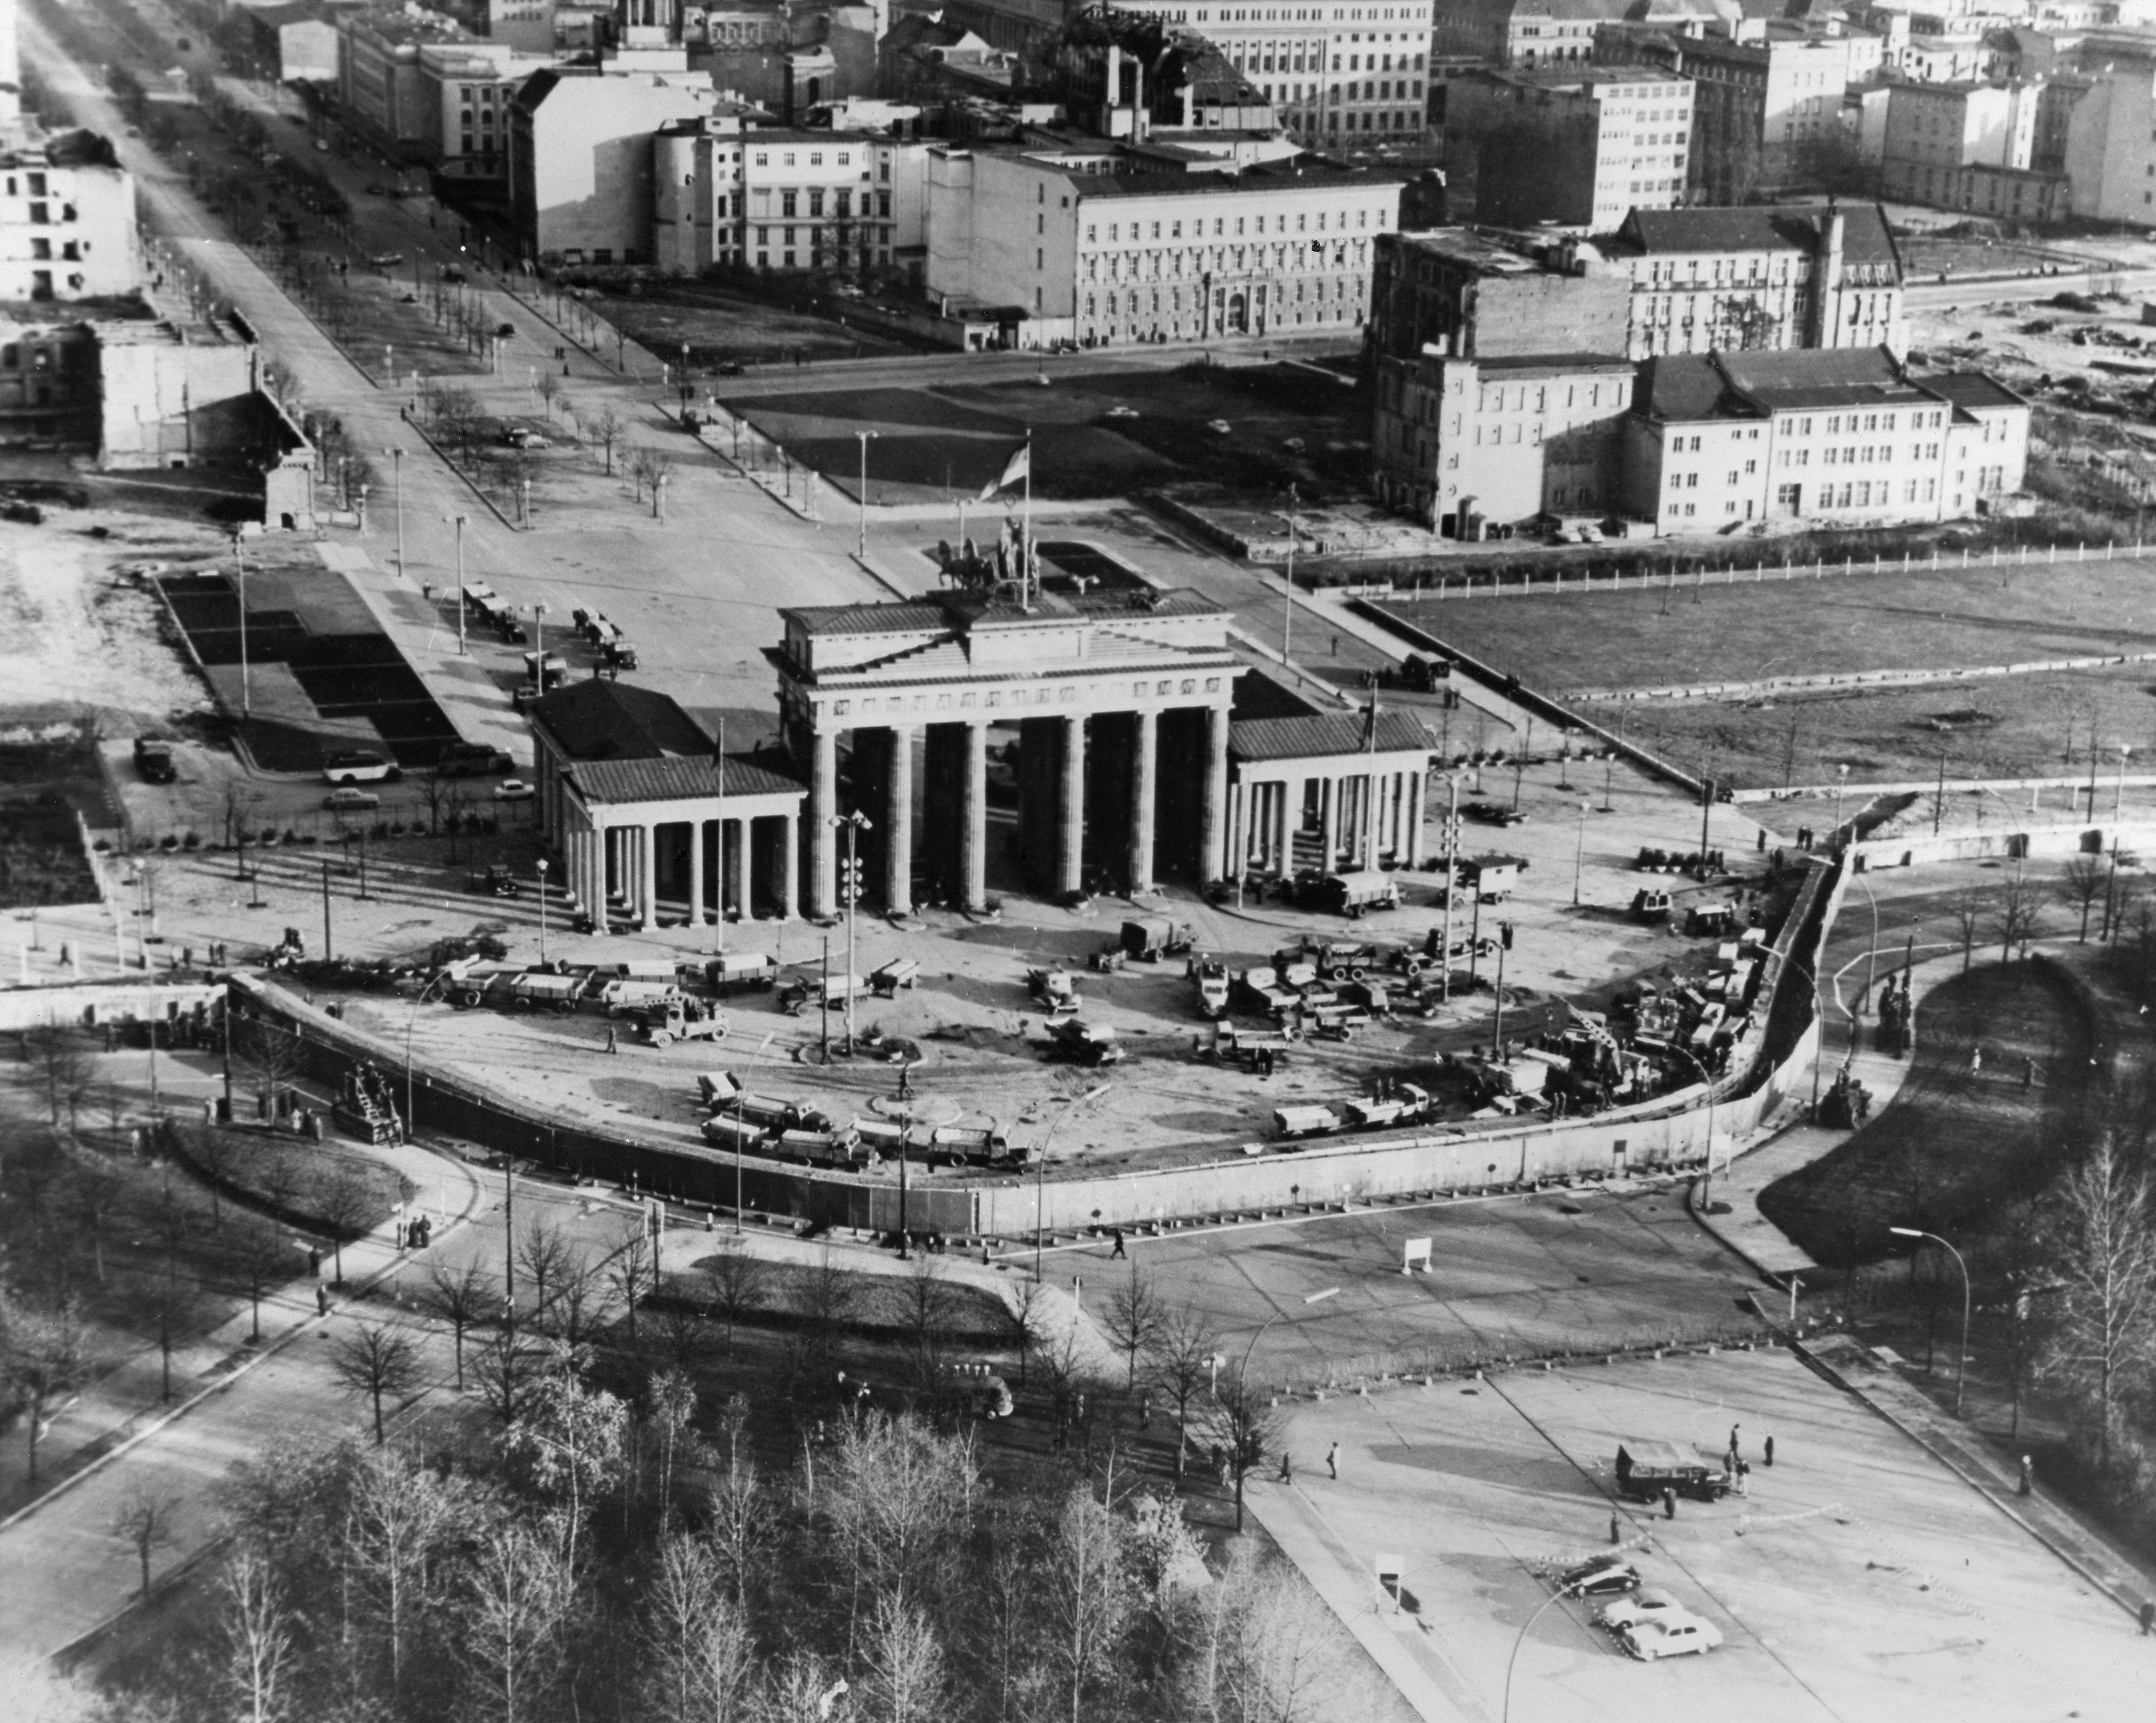 Vista aérea del muro frente a la Puerta de Brandeburgo a fines de 1961